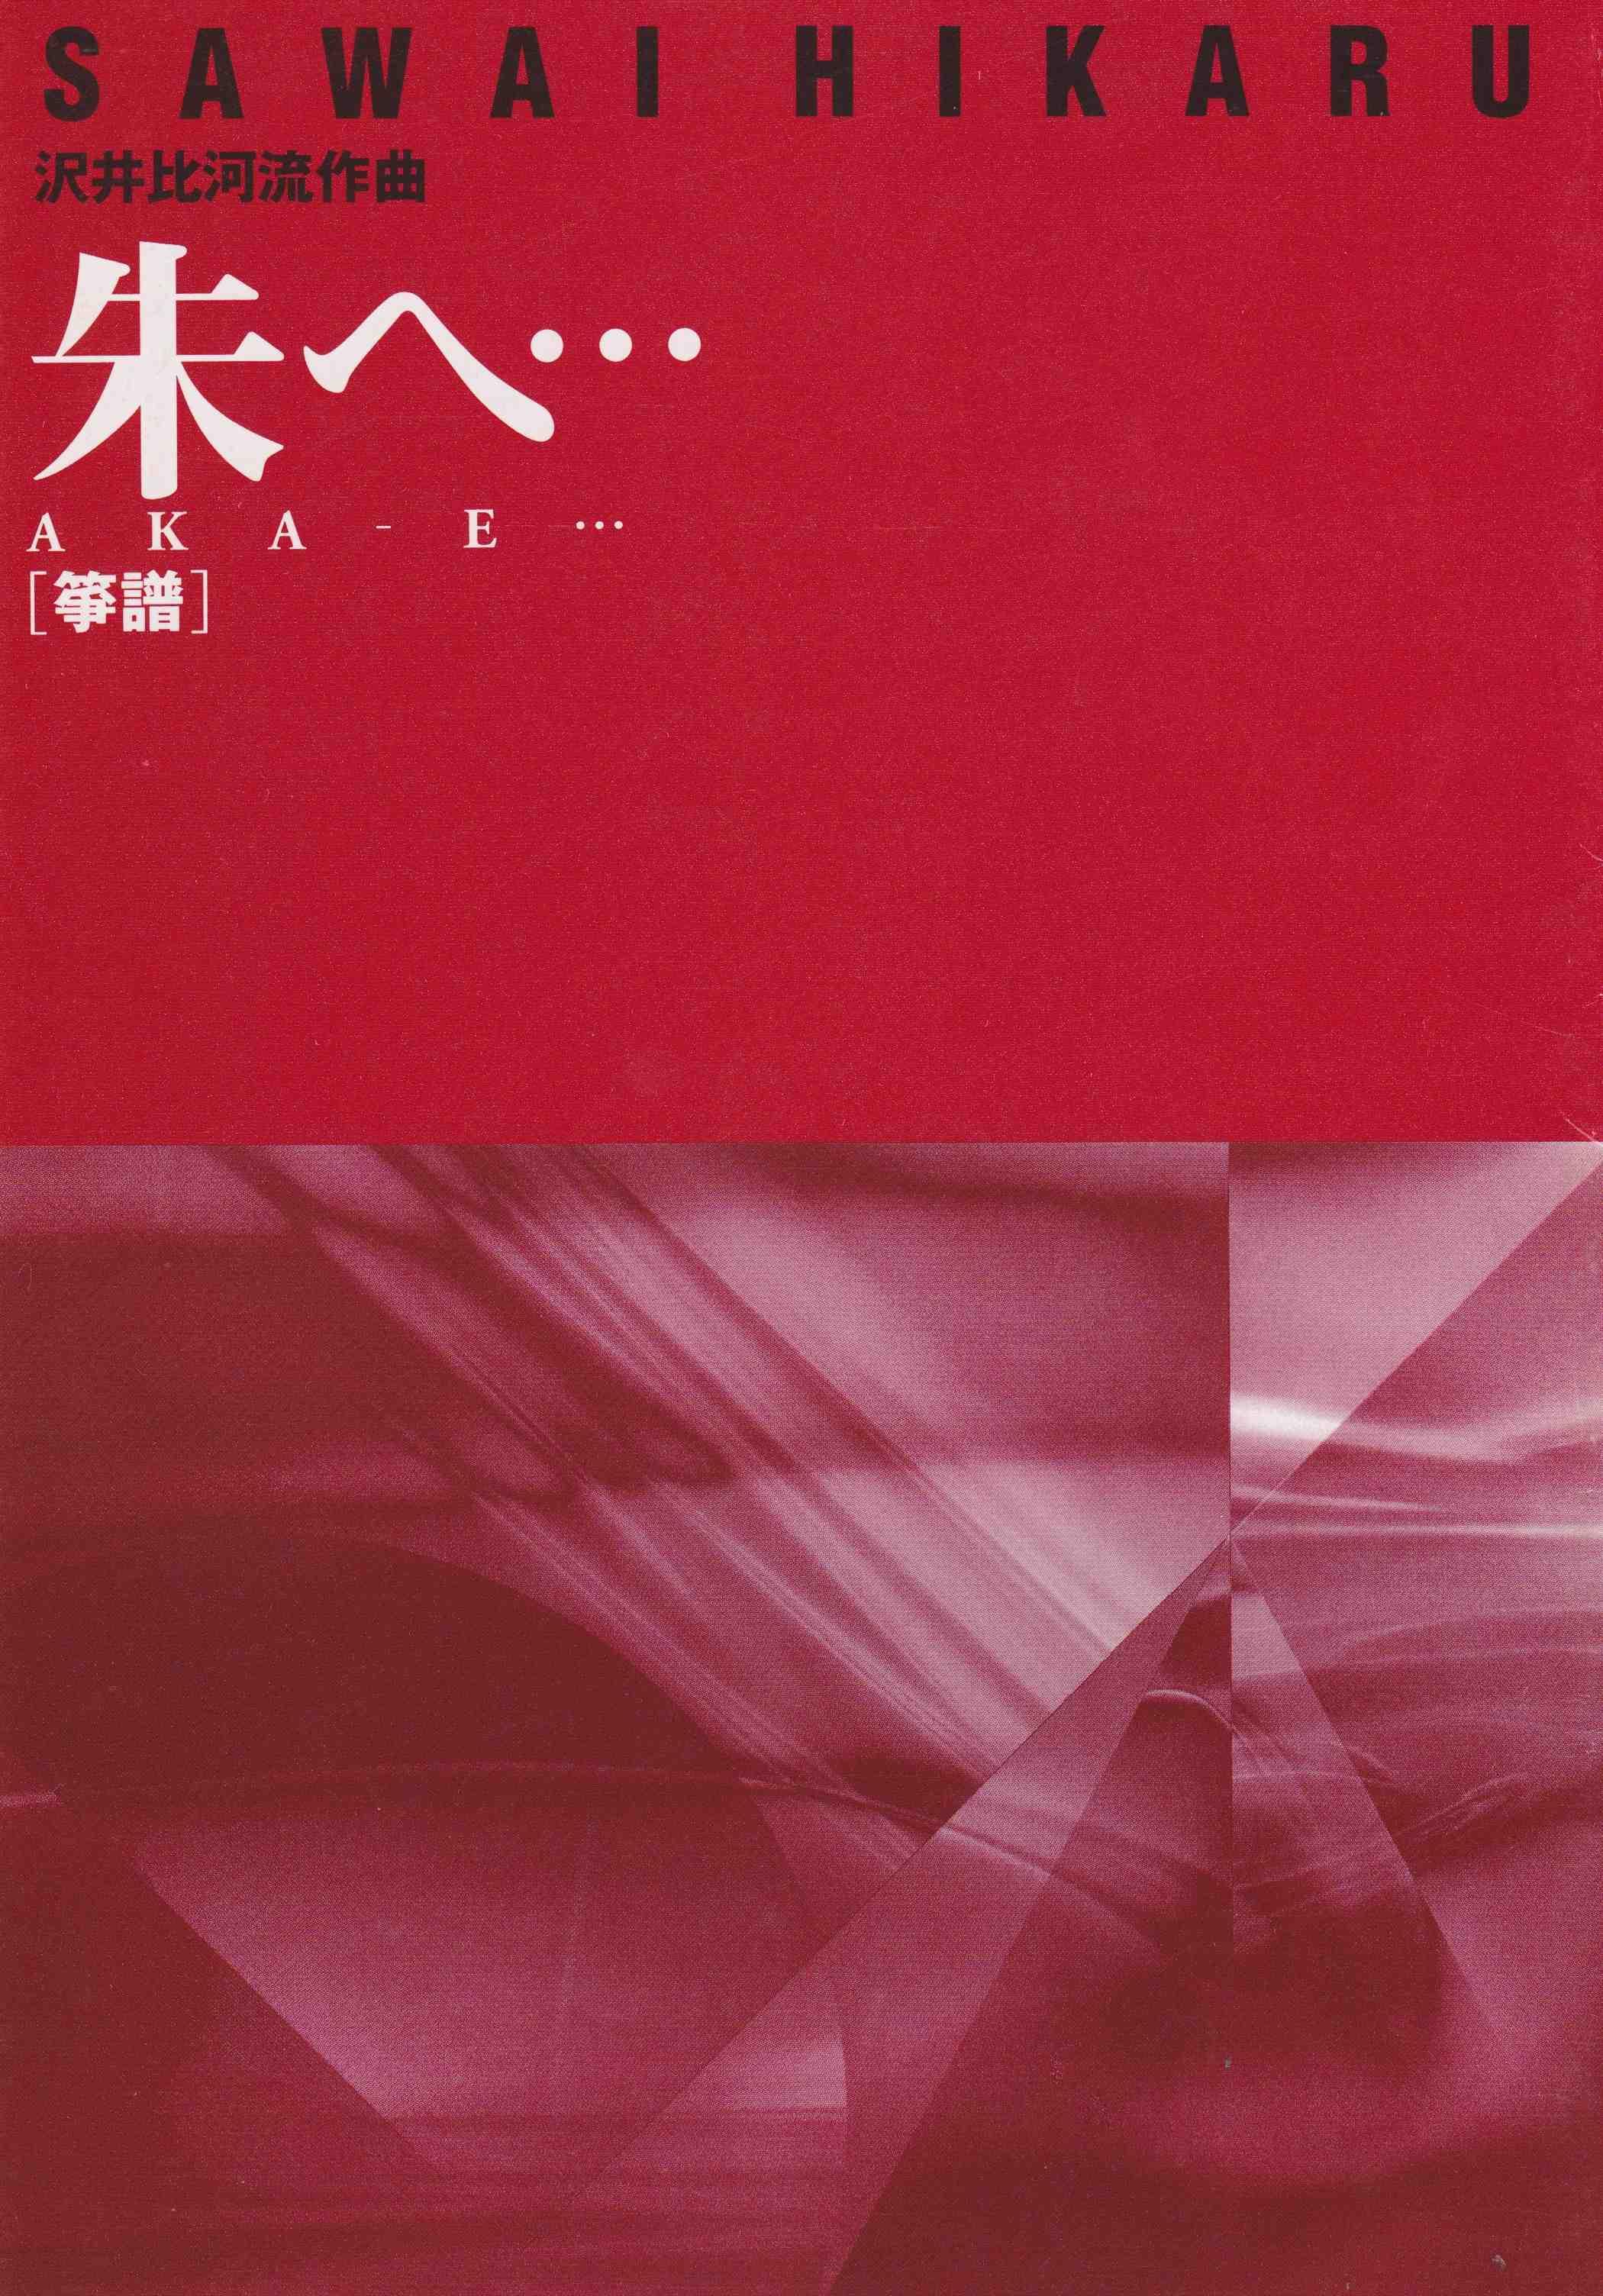 朱へ…(箏譜)[5048-1]